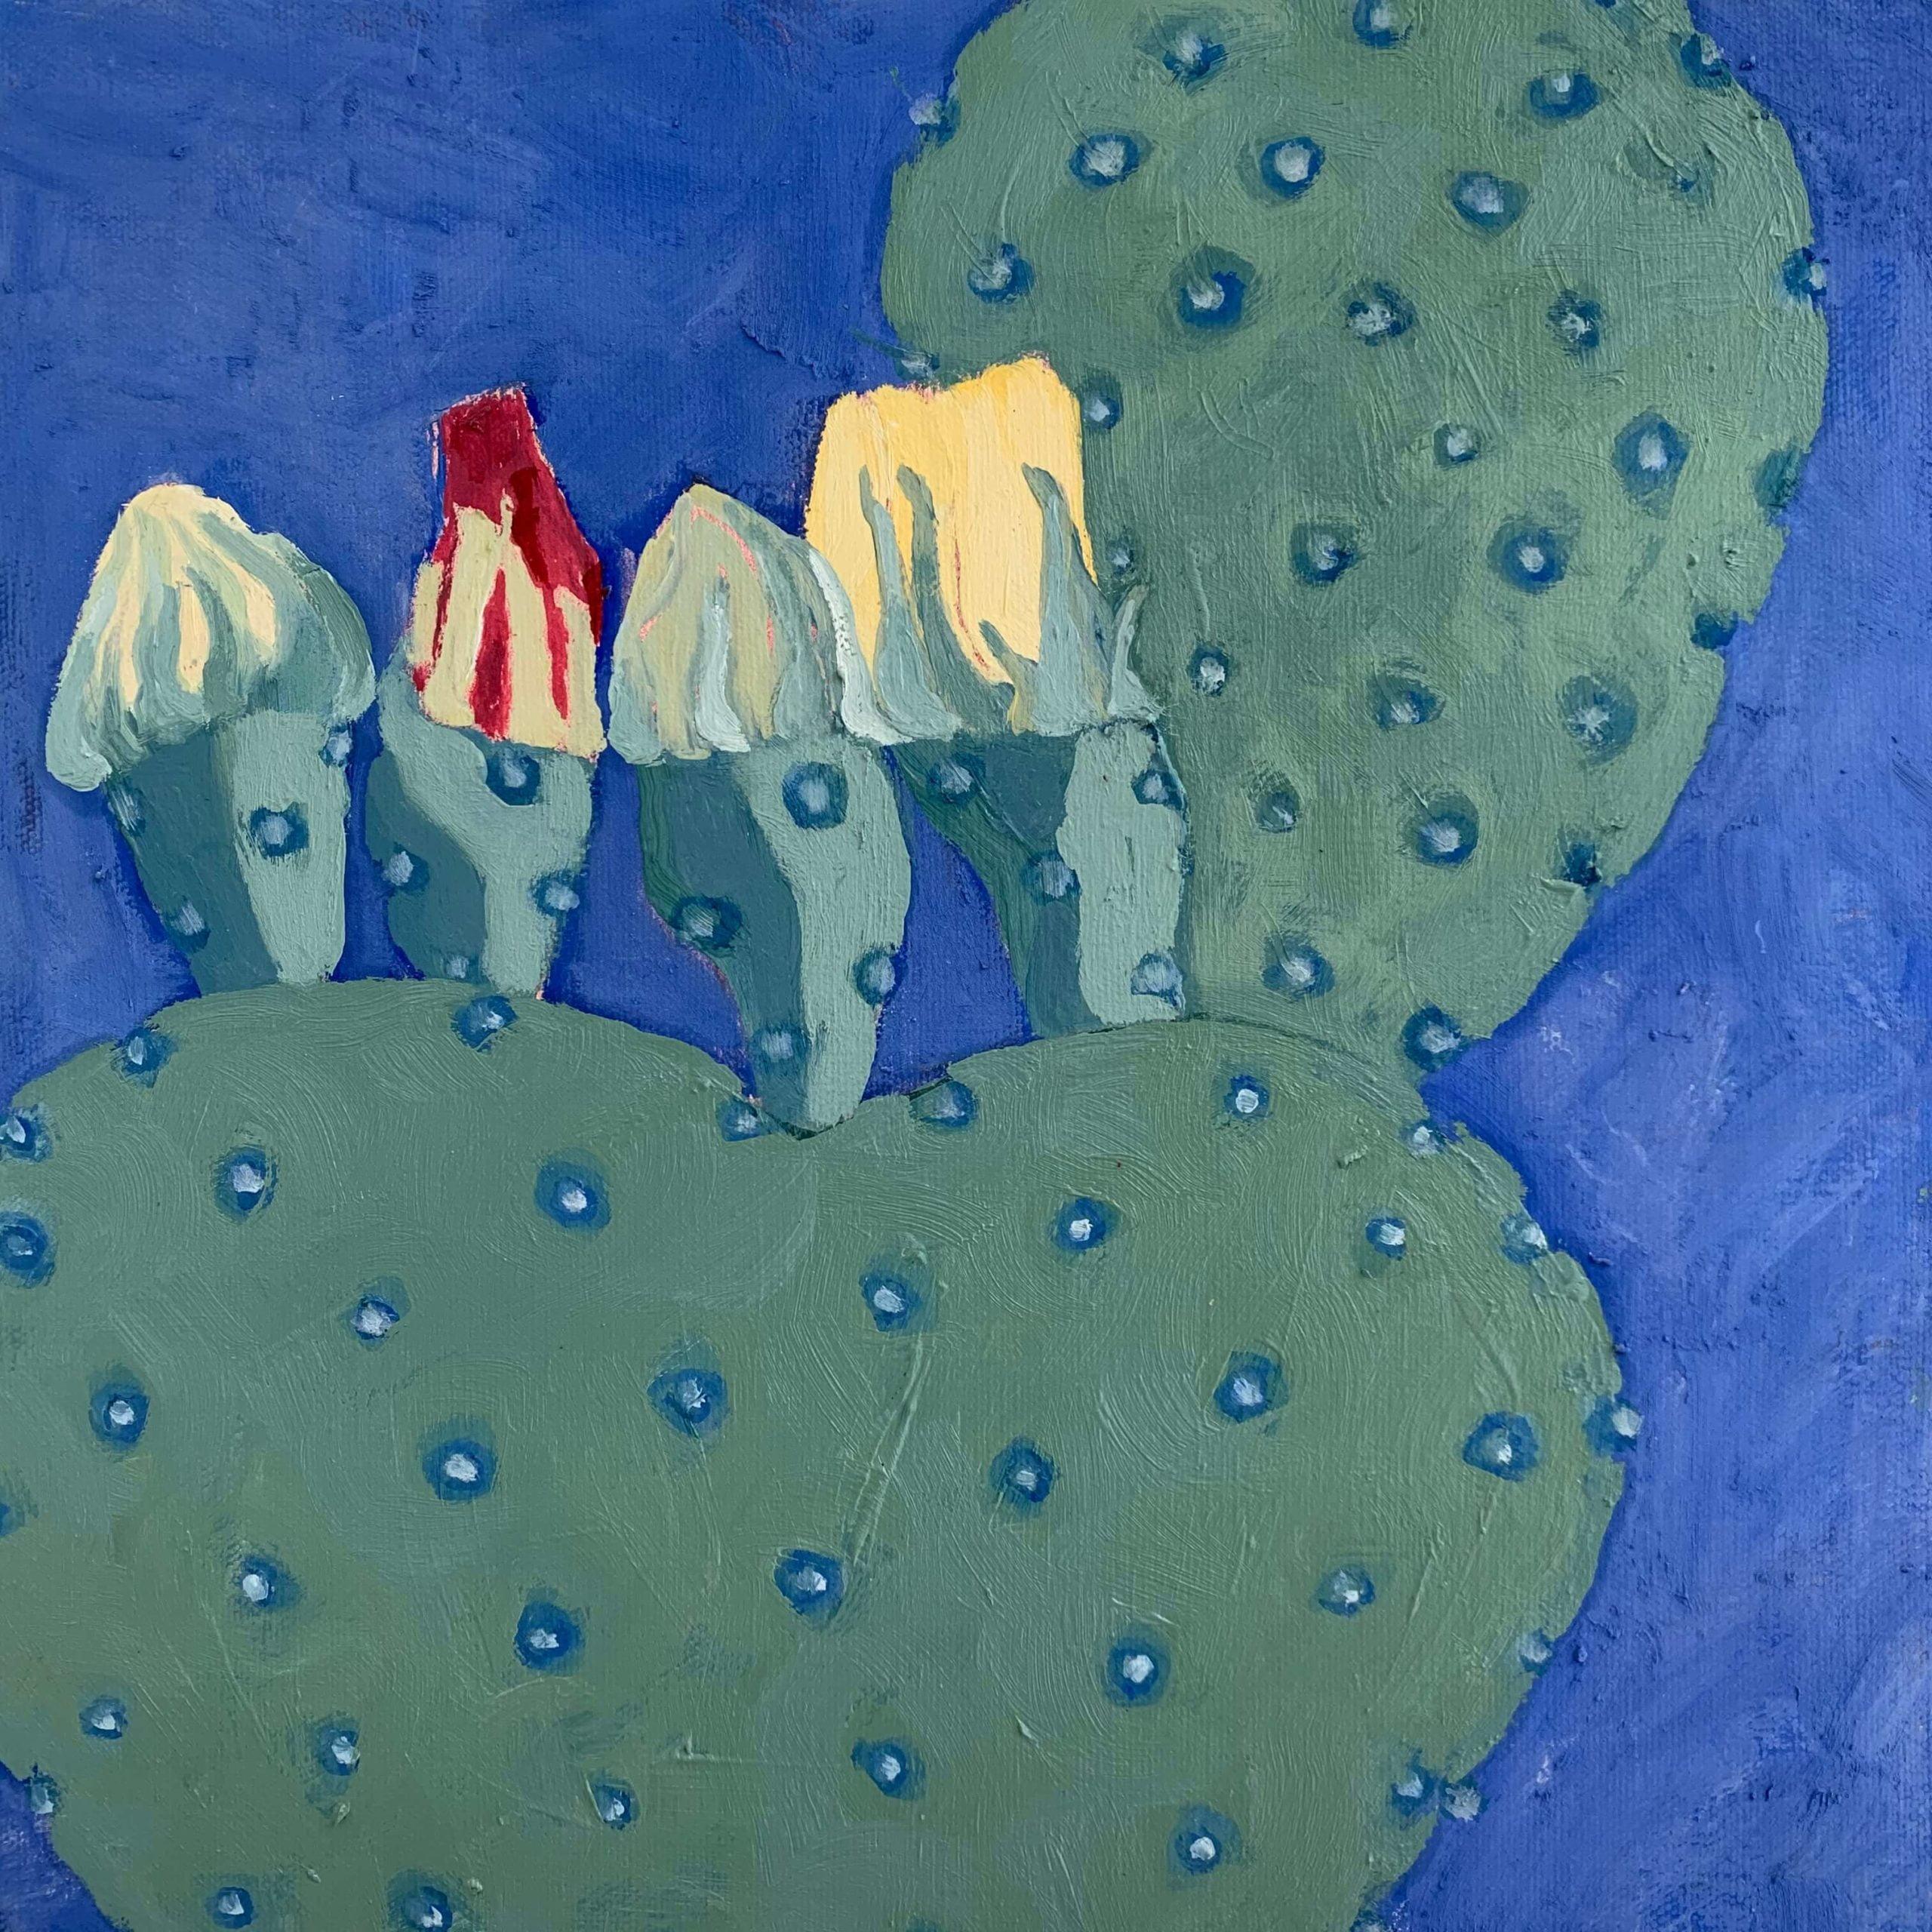 PRICKLY PEAR 3 , Kitty Kaupp, Oil_Marble Dust on Canvas, 12_ x 12_, $300 - Kitty Kaupp